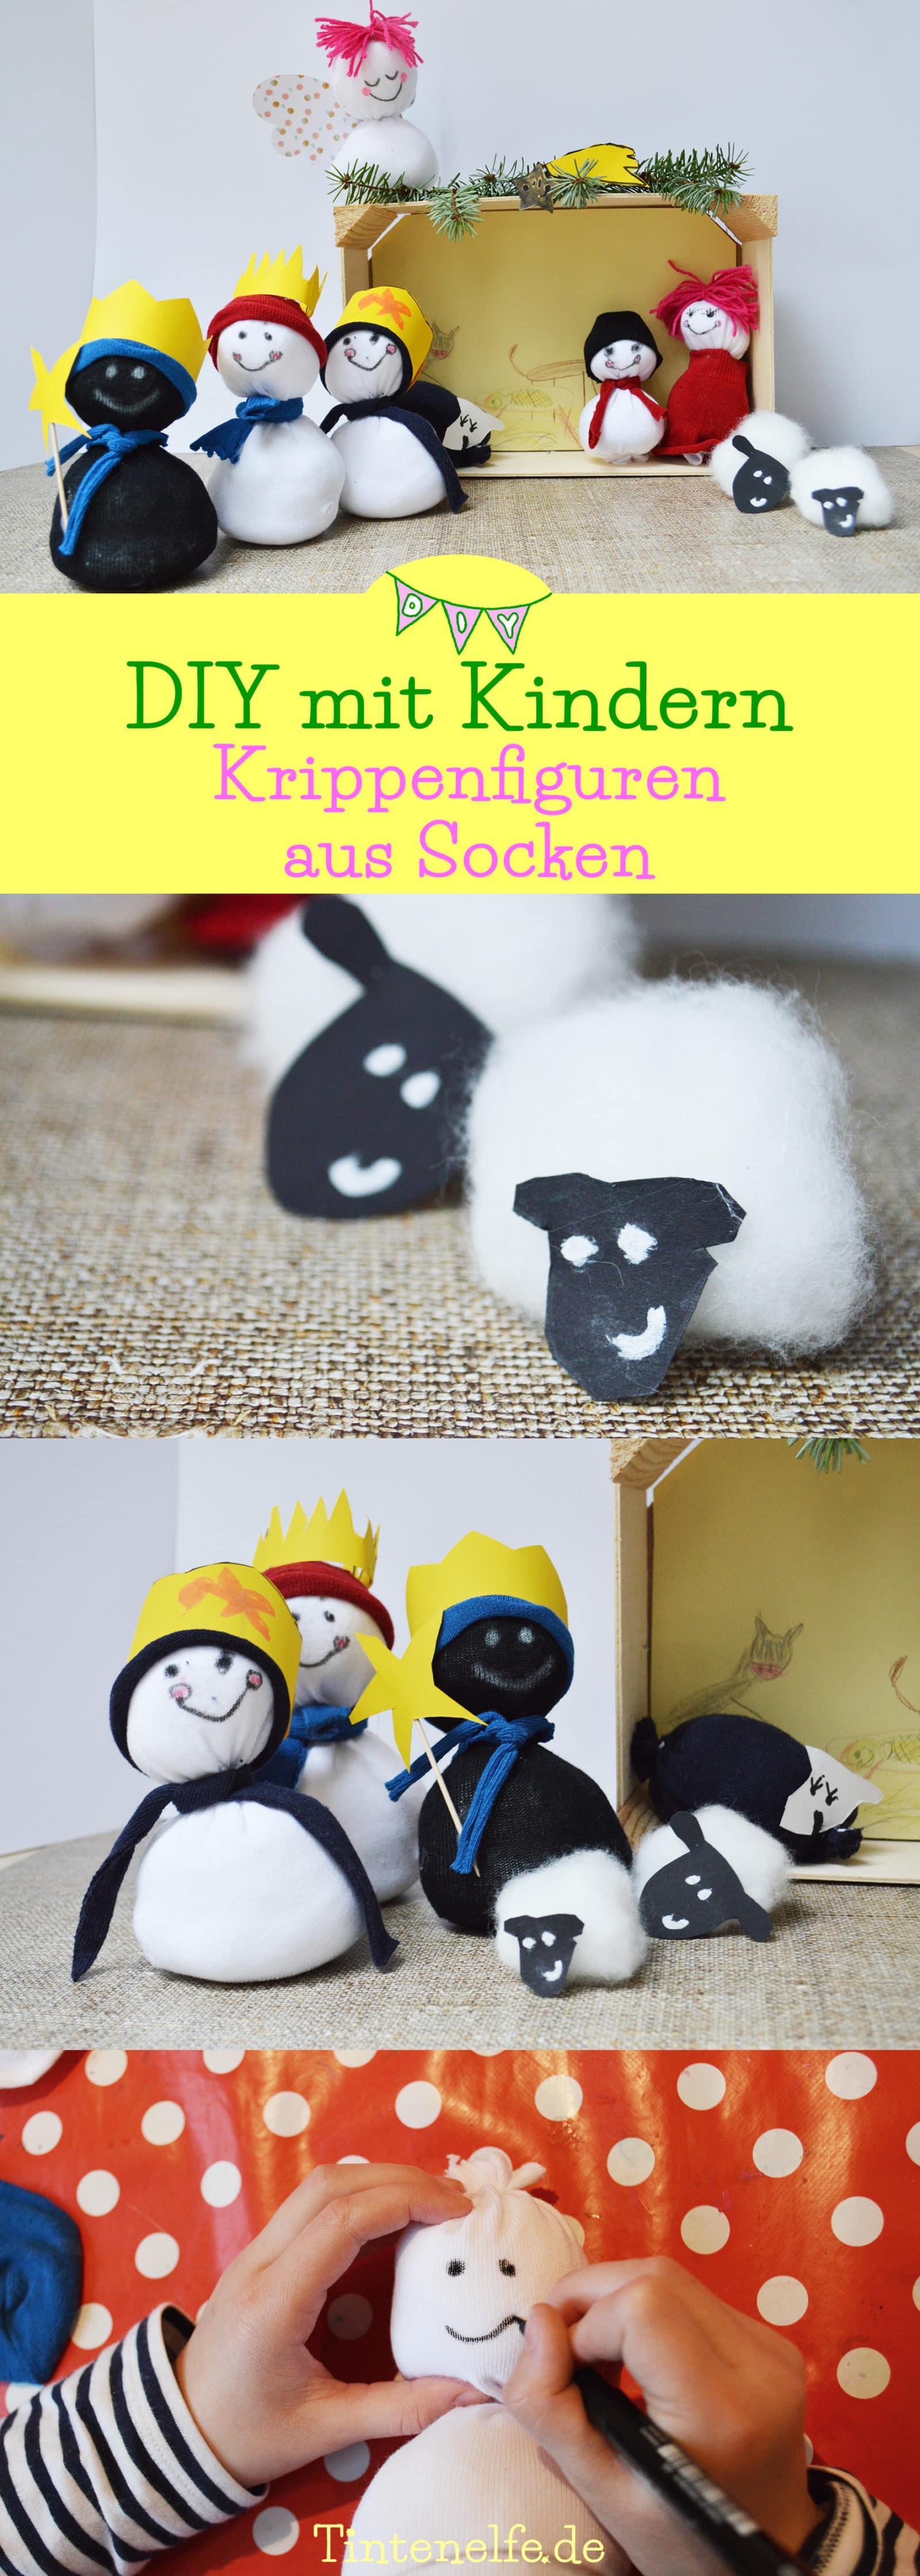 Diy Mit Kindern  DIY mit Kindern Krippenfiguren aus Socken HANDMADE Kultur